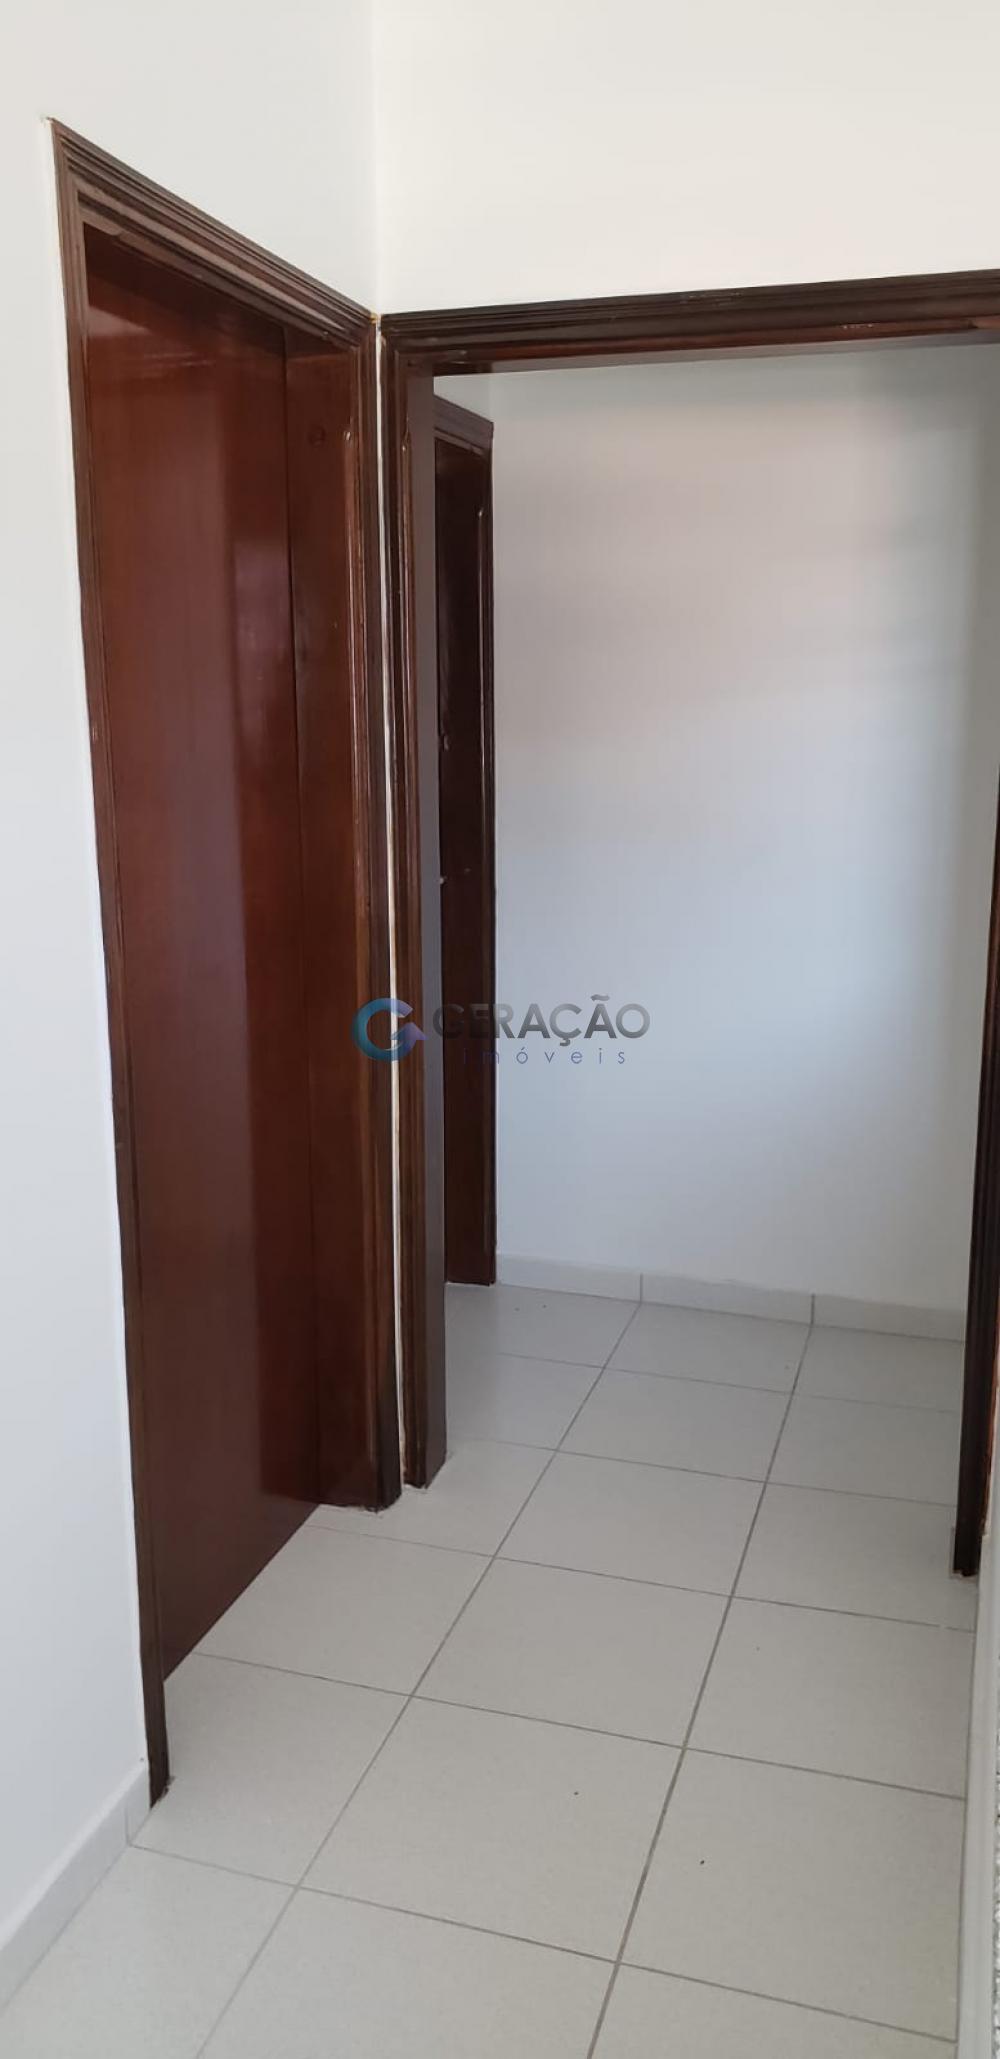 Comprar Comercial / Prédio em São José dos Campos R$ 1.350.000,00 - Foto 11